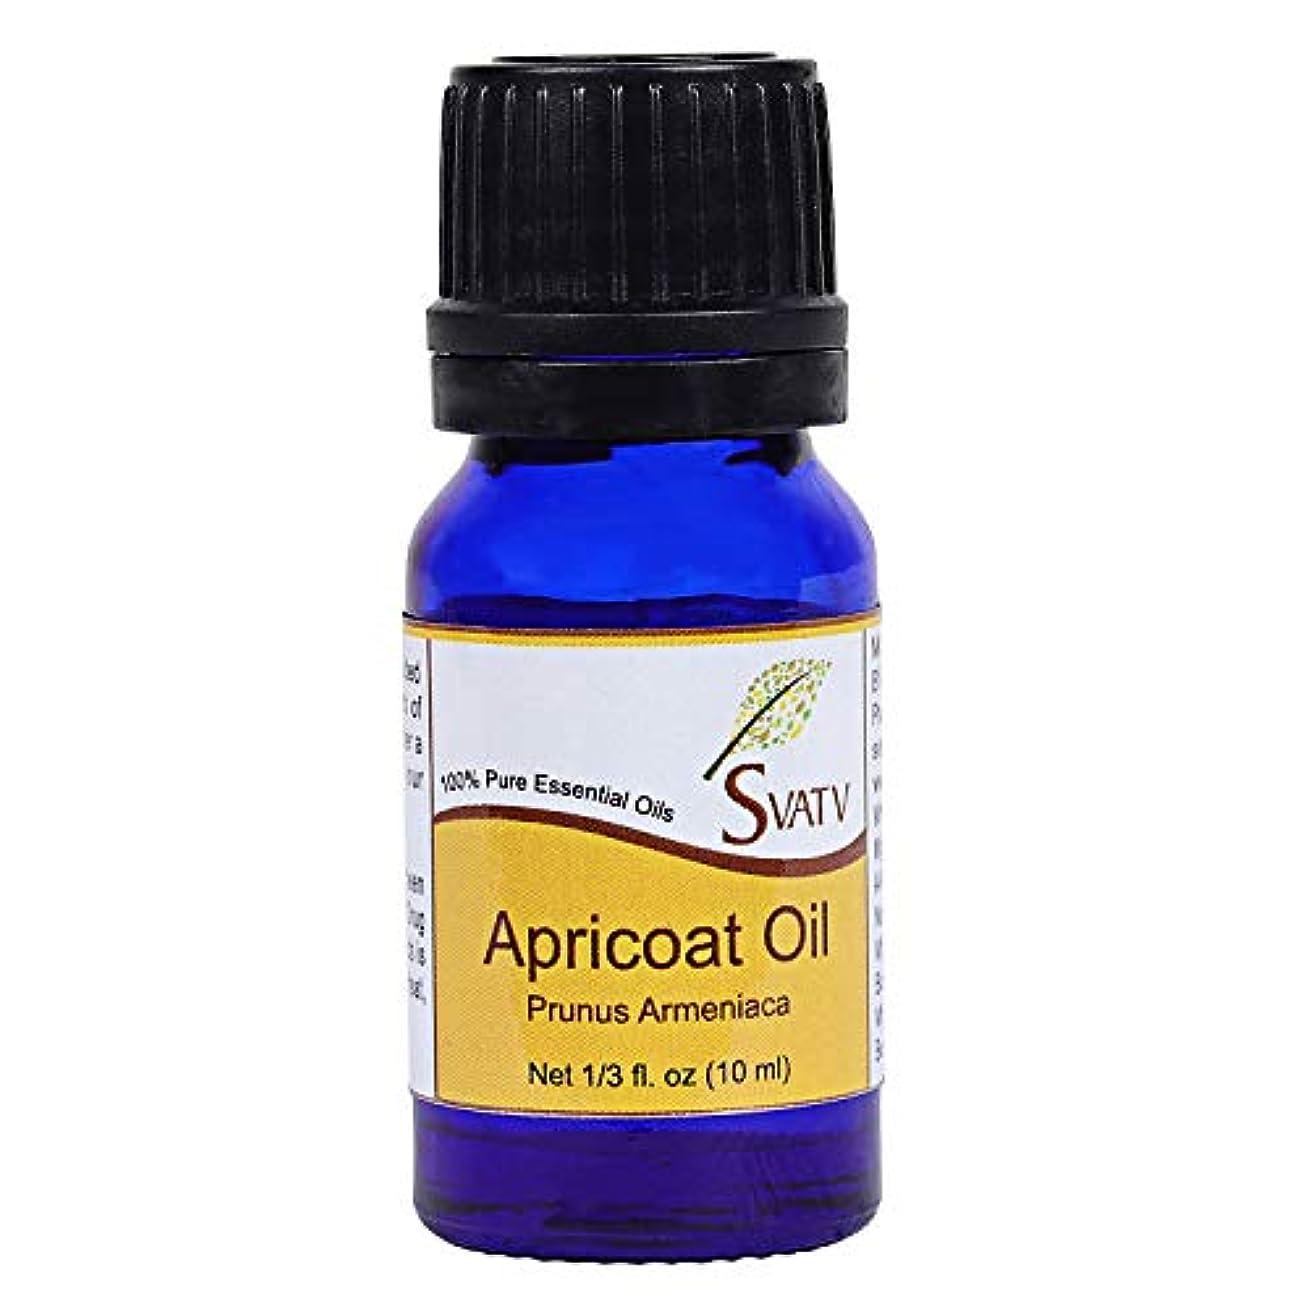 保守可能データ取り替えるSVATV Apricot (Prunus Armeniaca) Essential Oil 10 mL (1/3 oz) Therapeutic Grade, Aromatherapy Essential Oil